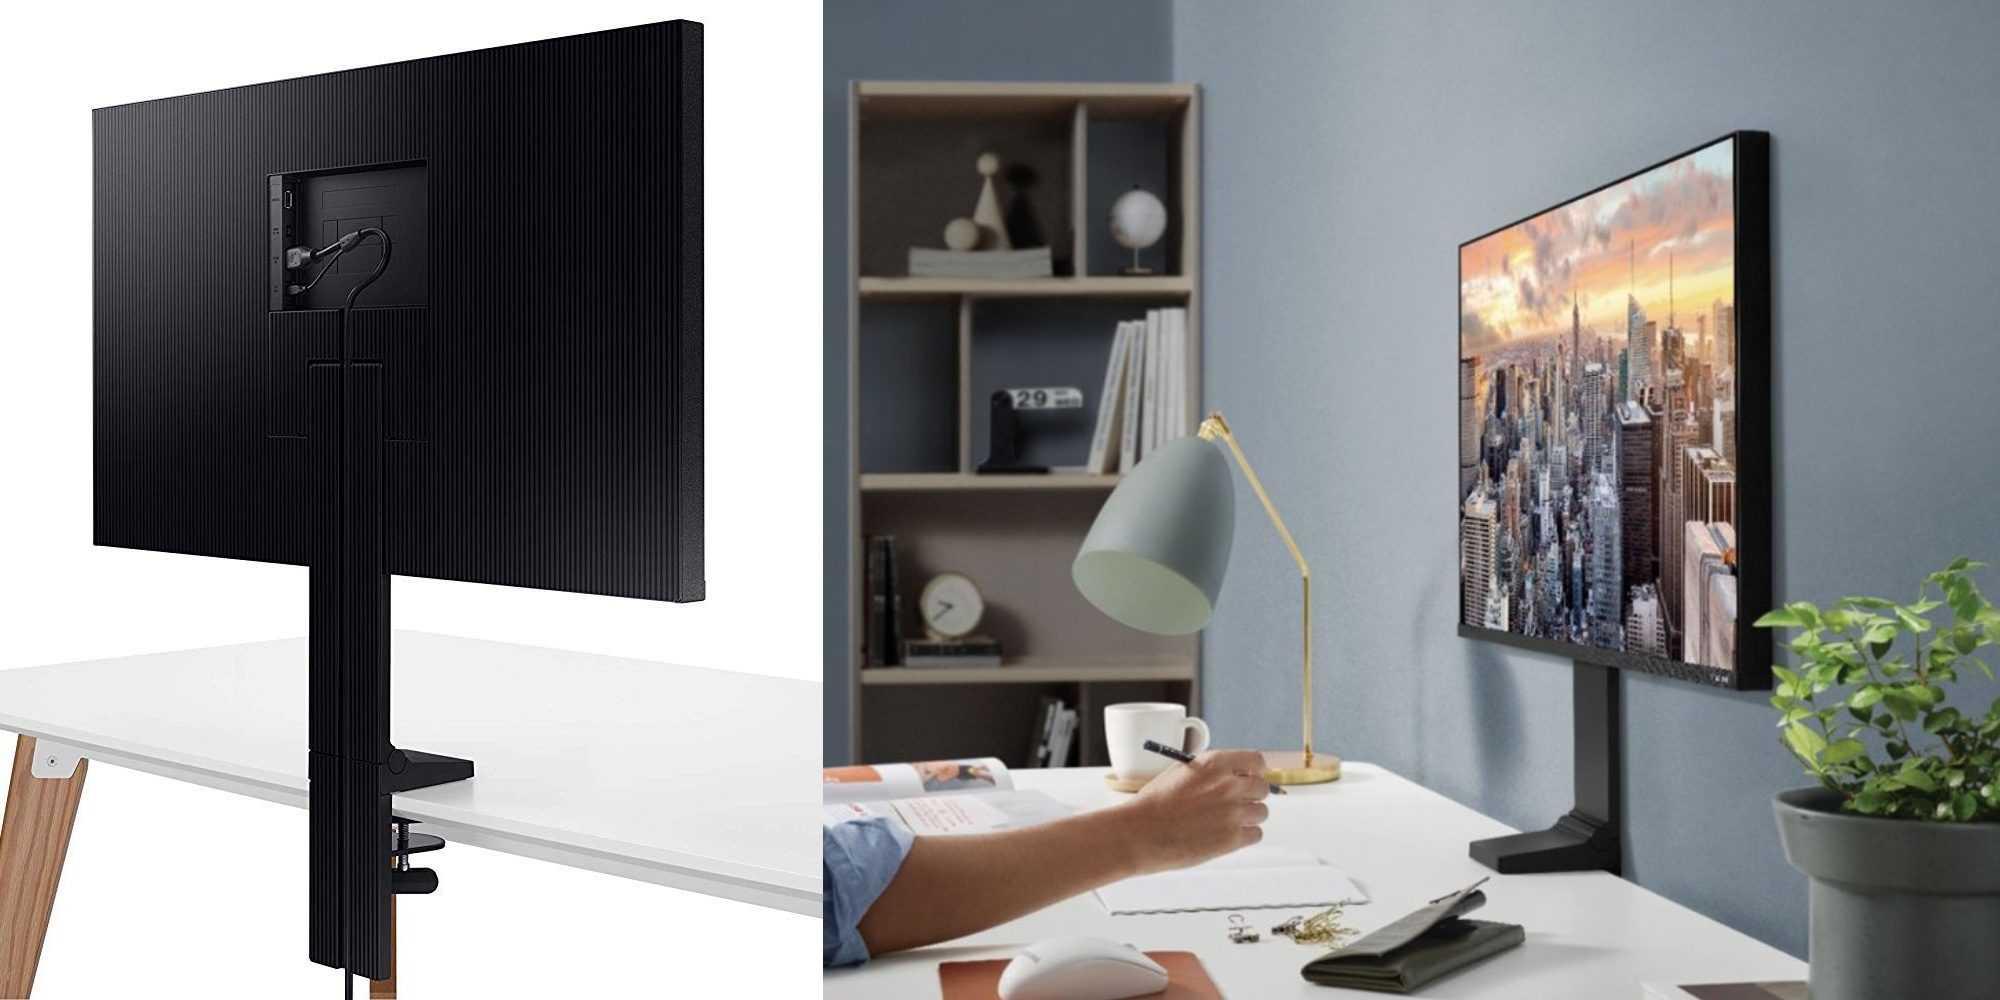 Обзор 27-дюймового монитора samsung space: компактный минимализм